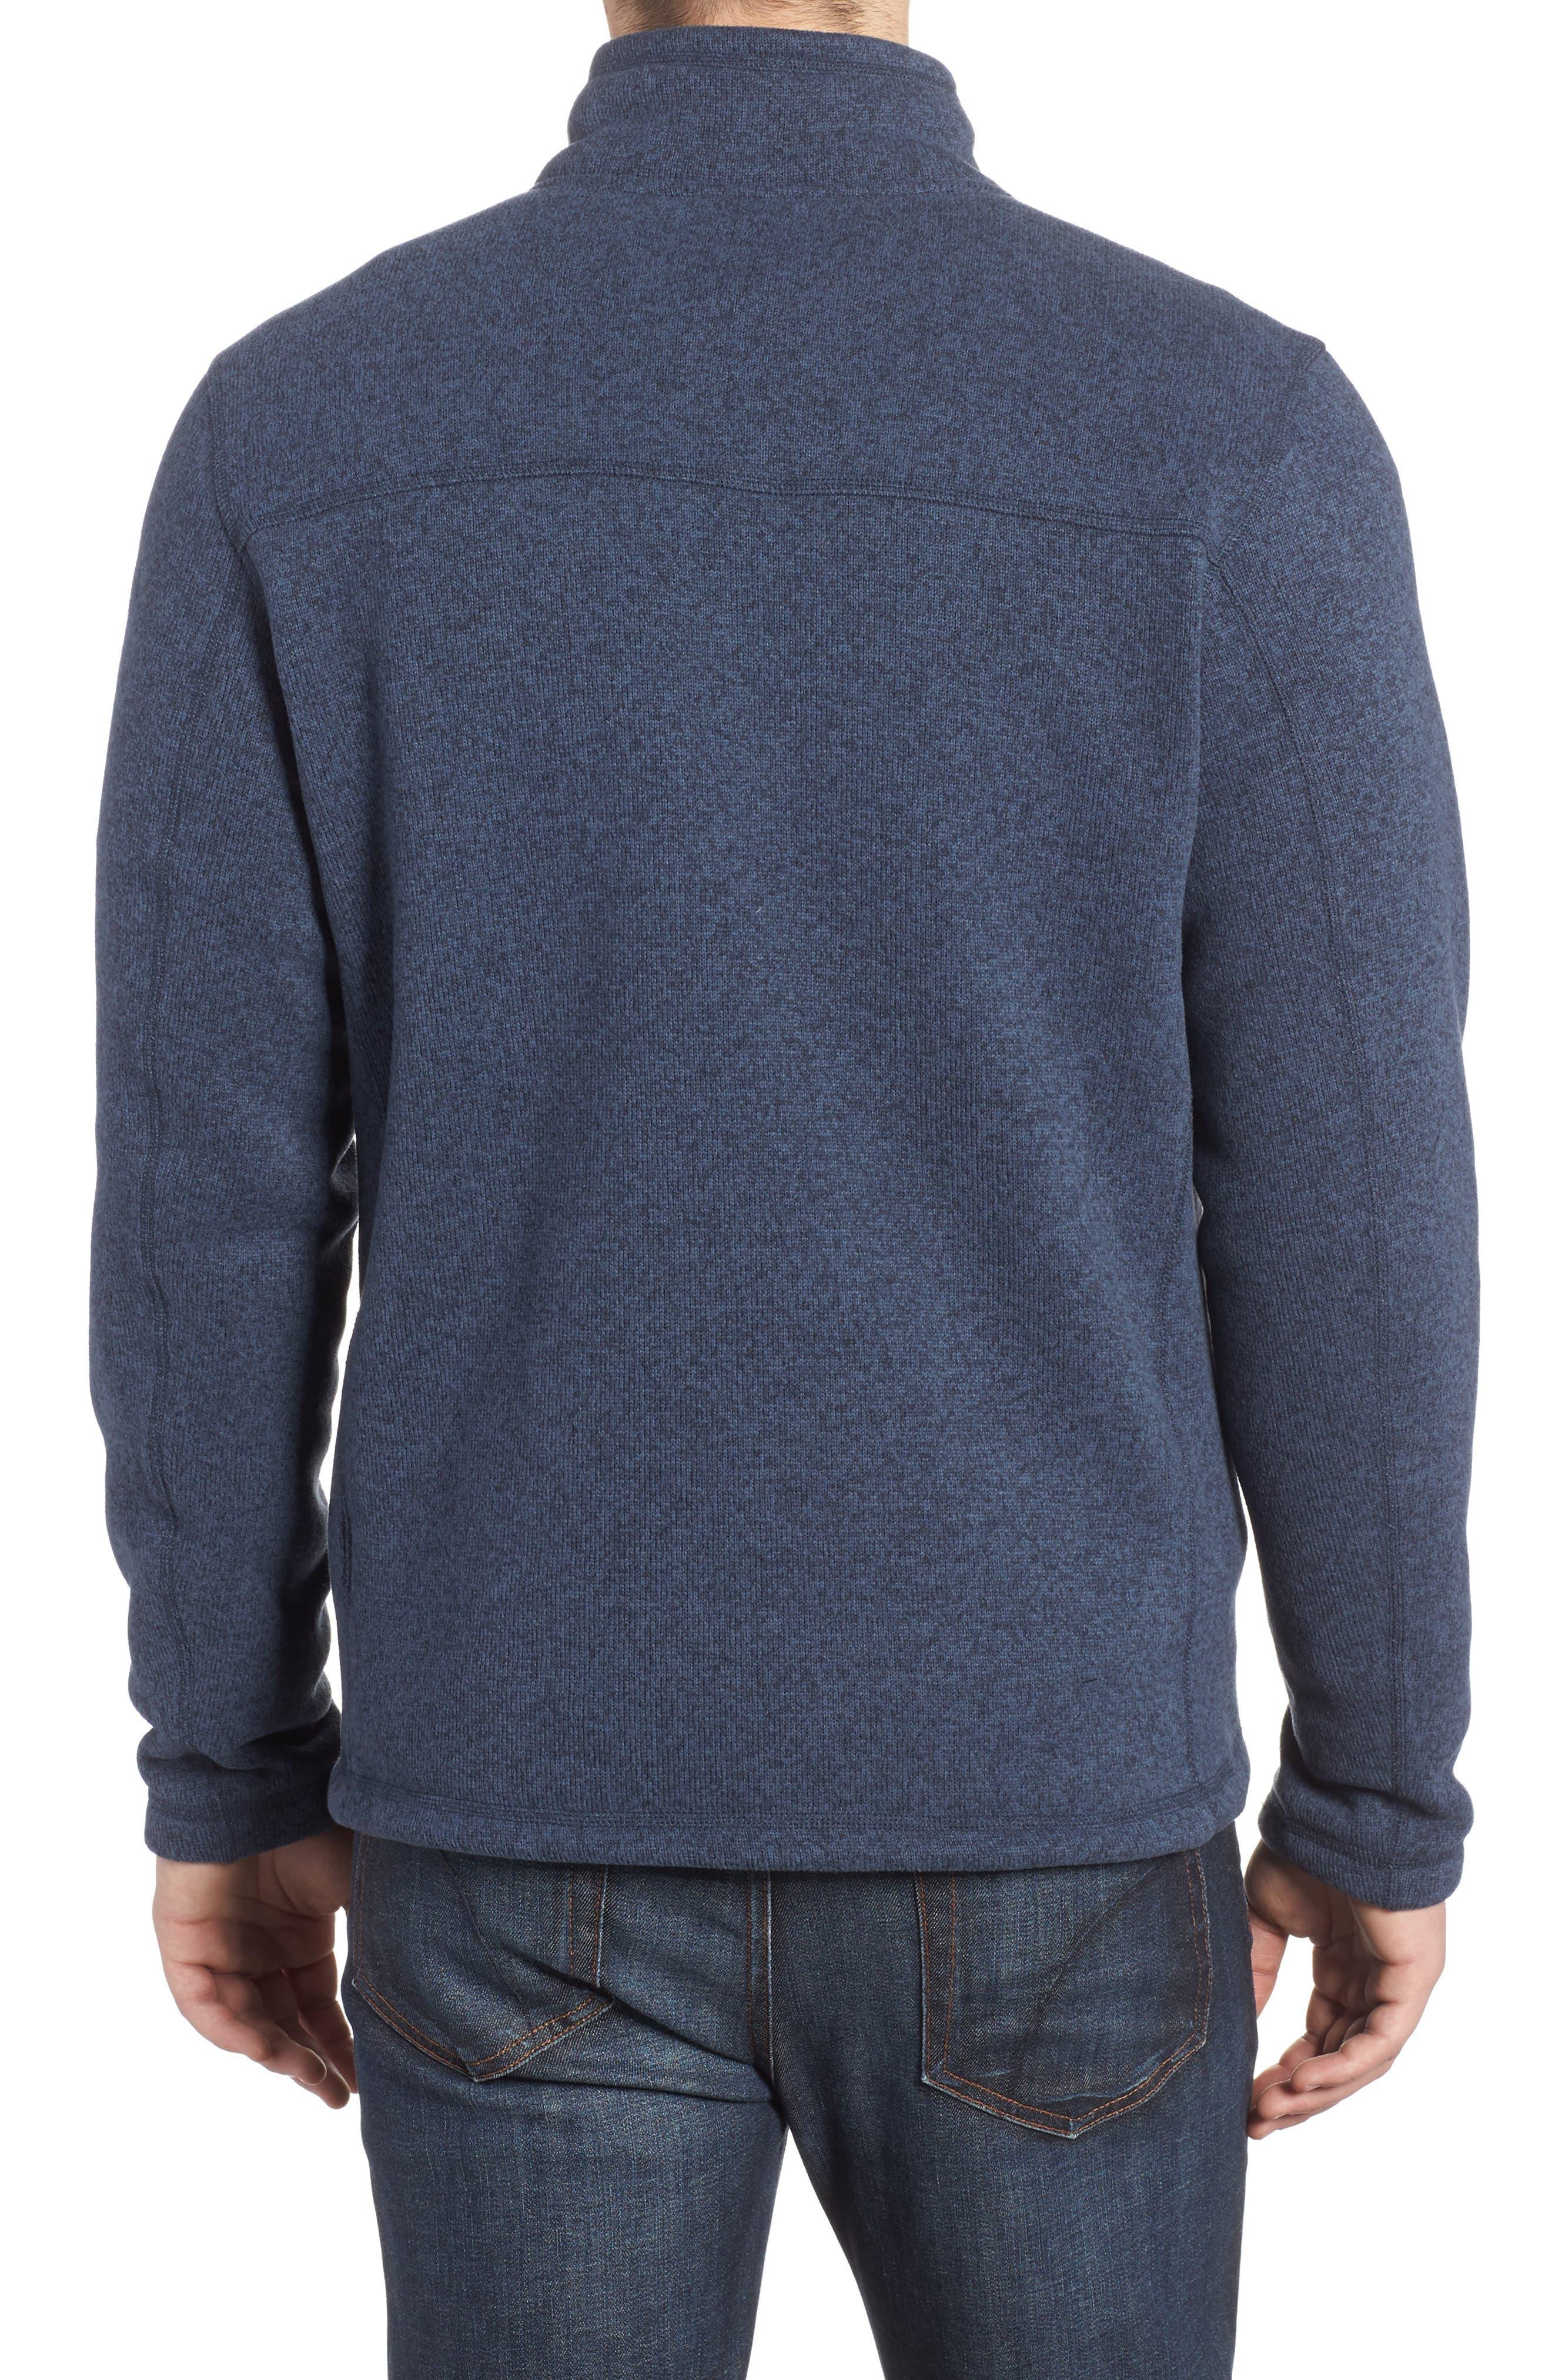 Gordon Lyons Quarter-Zip Fleece Jacket,                             Alternate thumbnail 2, color,                             URBAN NAVY HEATHER